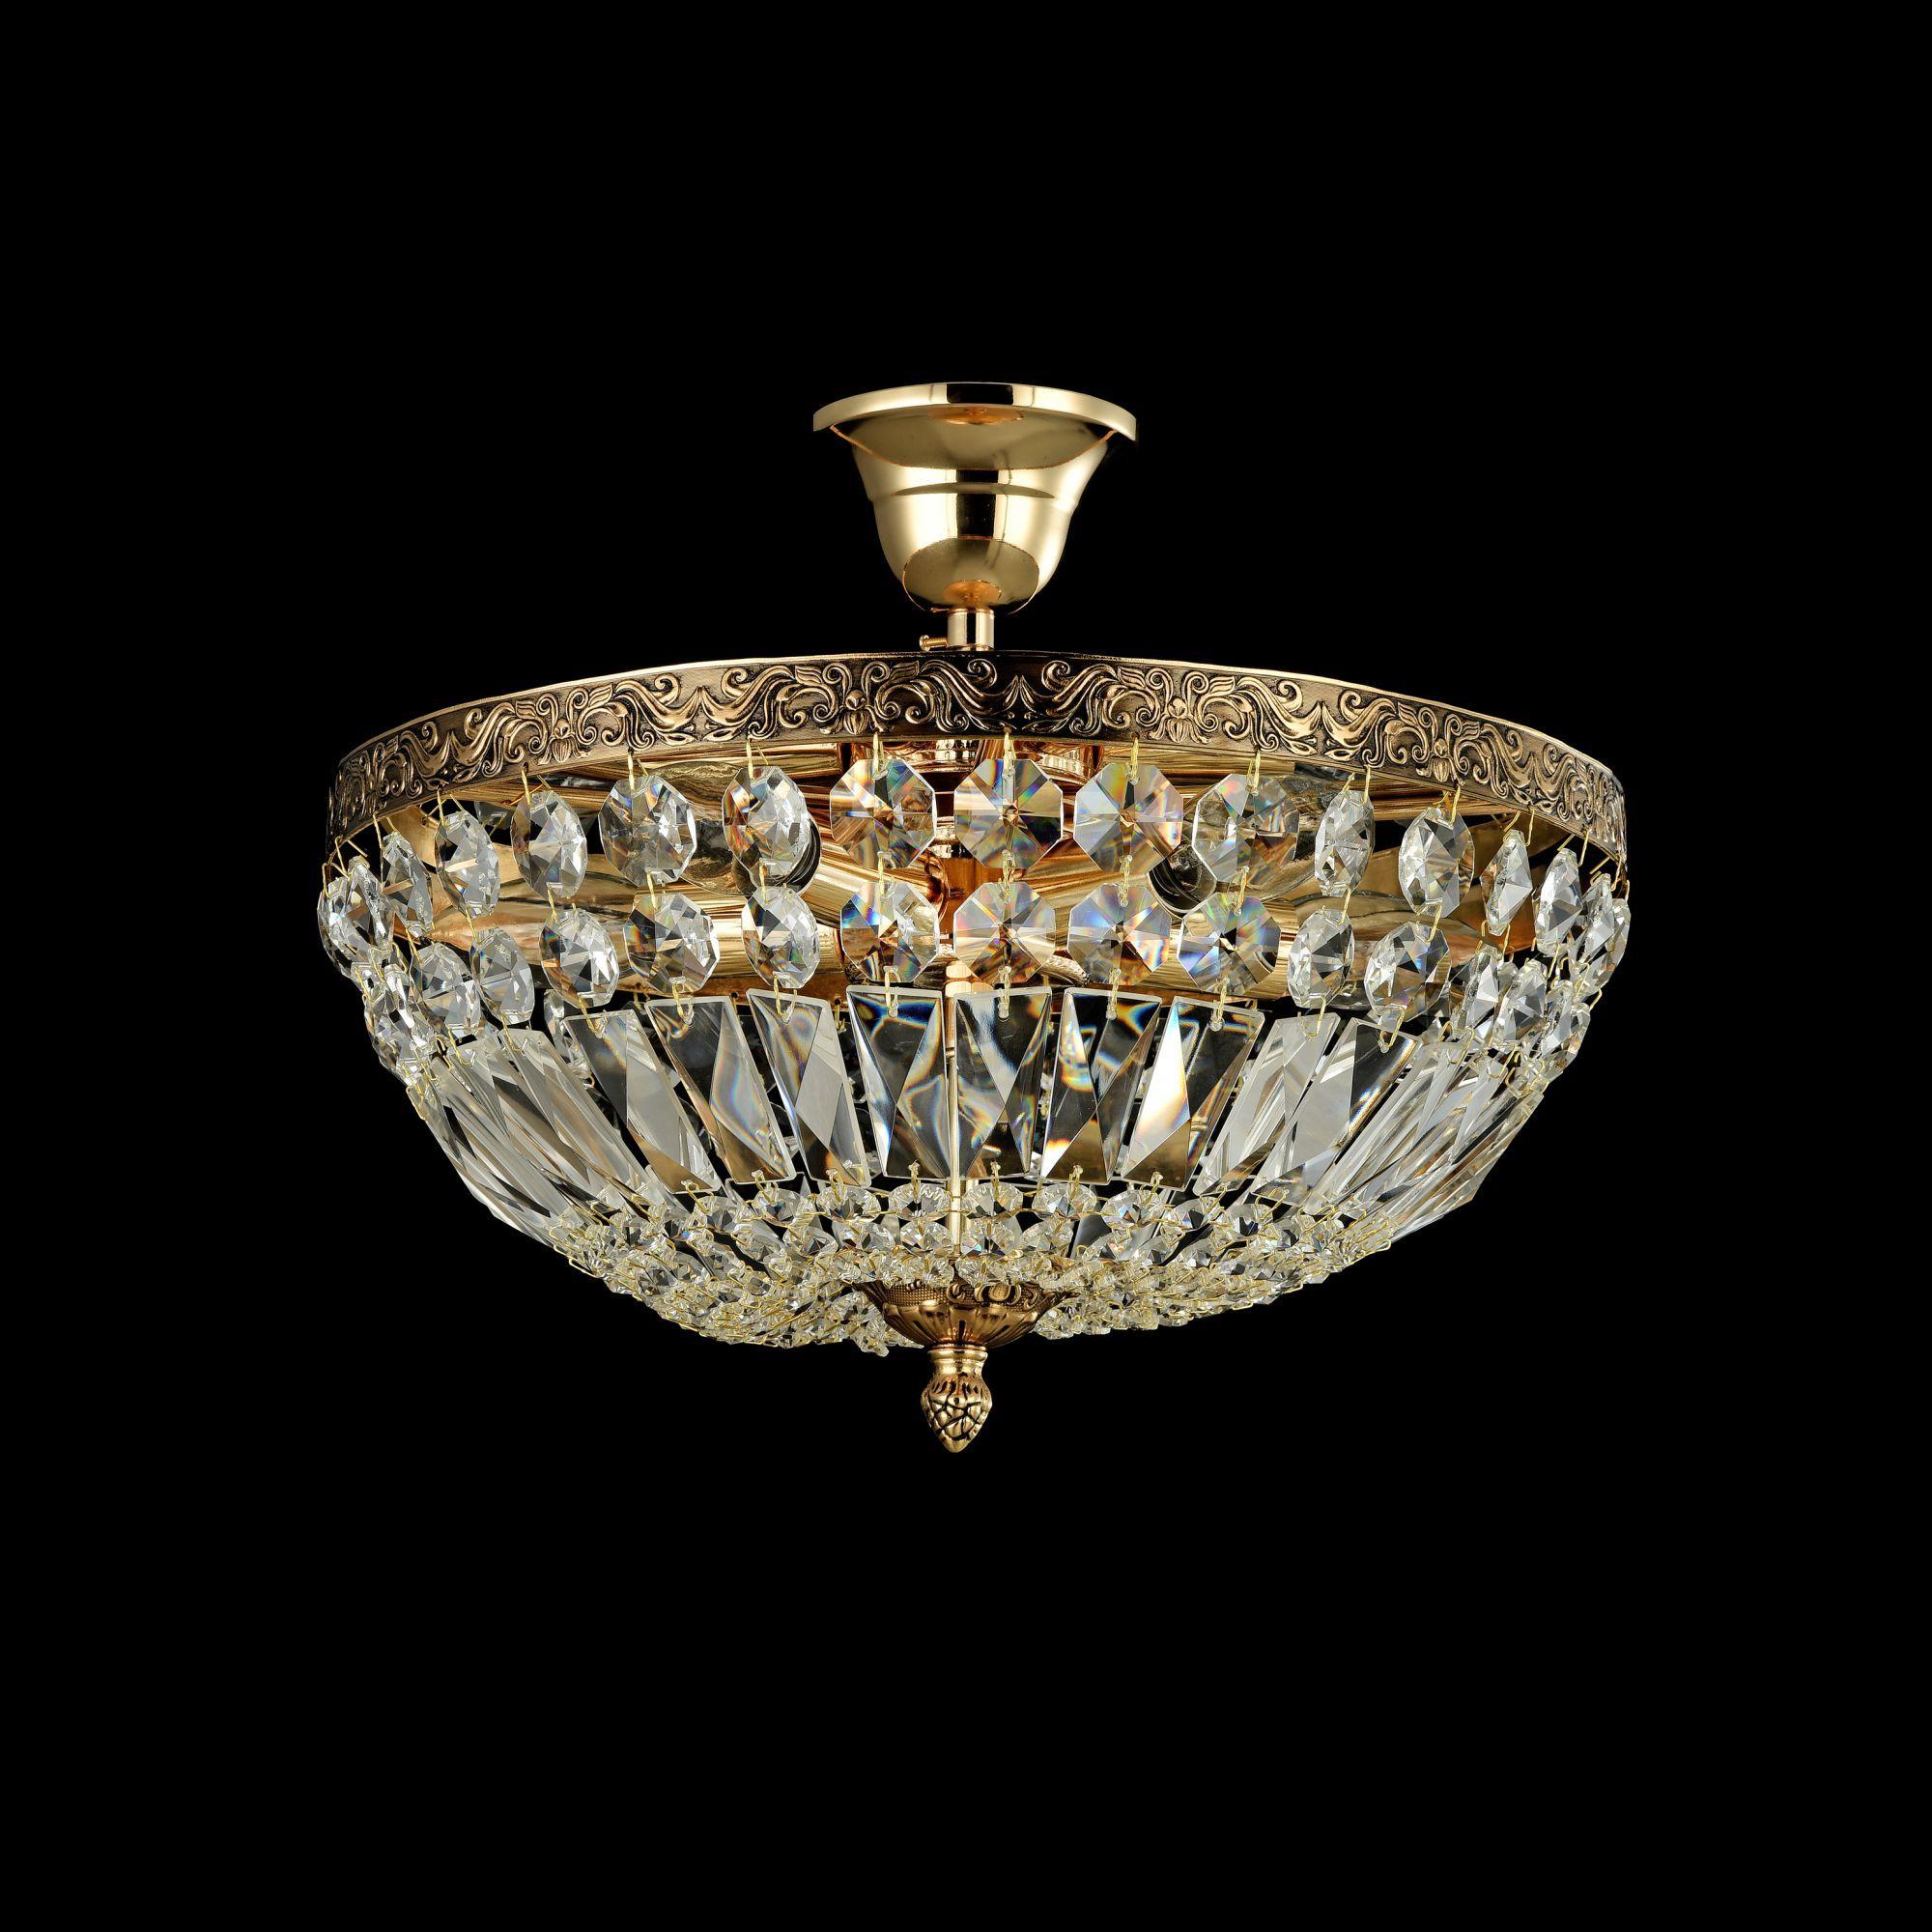 Потолочная люстра Maytoni Tiara DIA500-CL-30-05-G (b500-pt30-g), 5xE14x60W, черненое золото, прозрачный, металл, хрусталь - фото 2